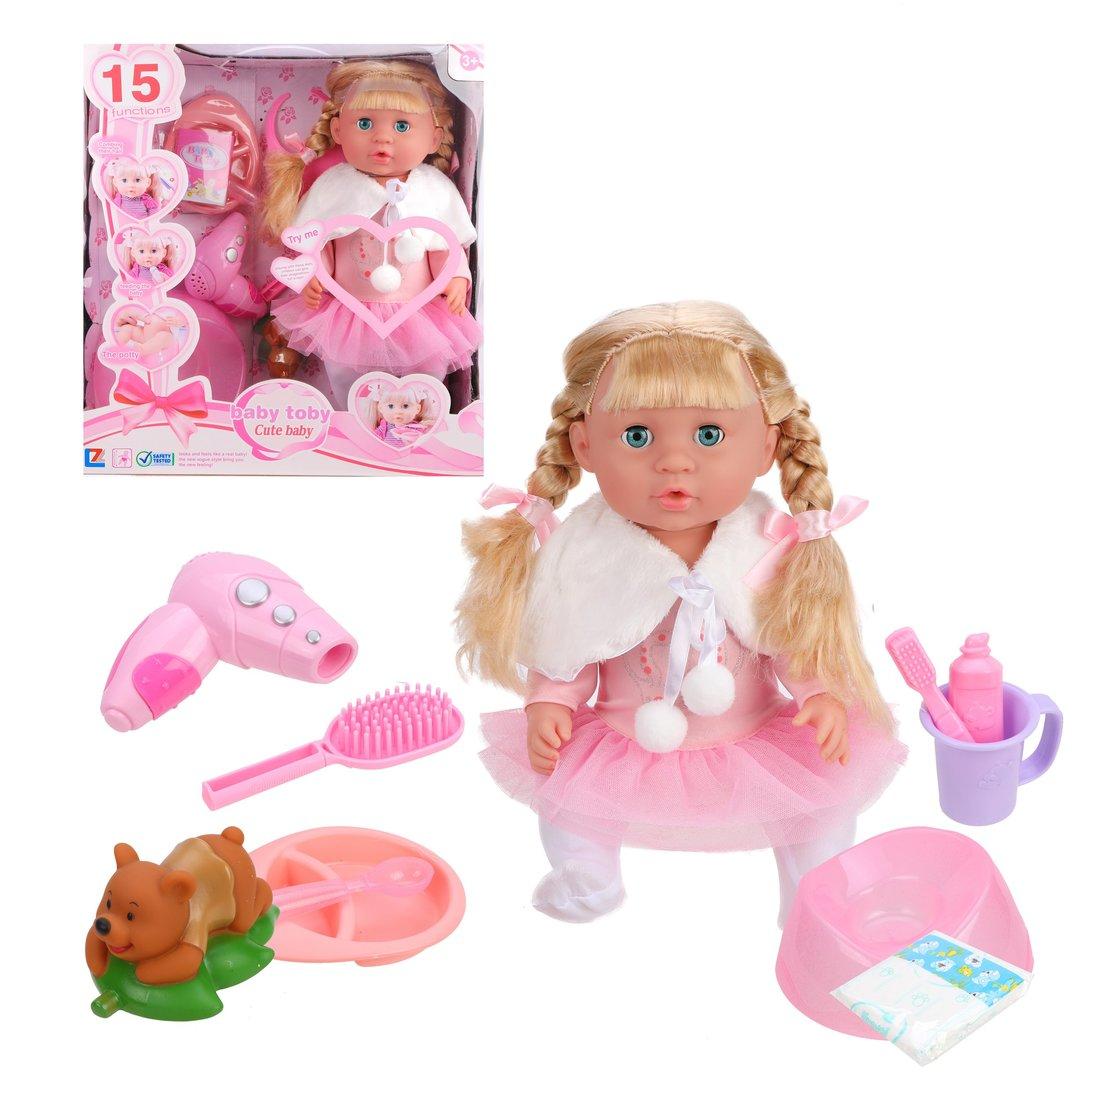 Кукла Даша в роз.юбочке, пьет, писает, звук,  аксесс. 13  предм., кор.